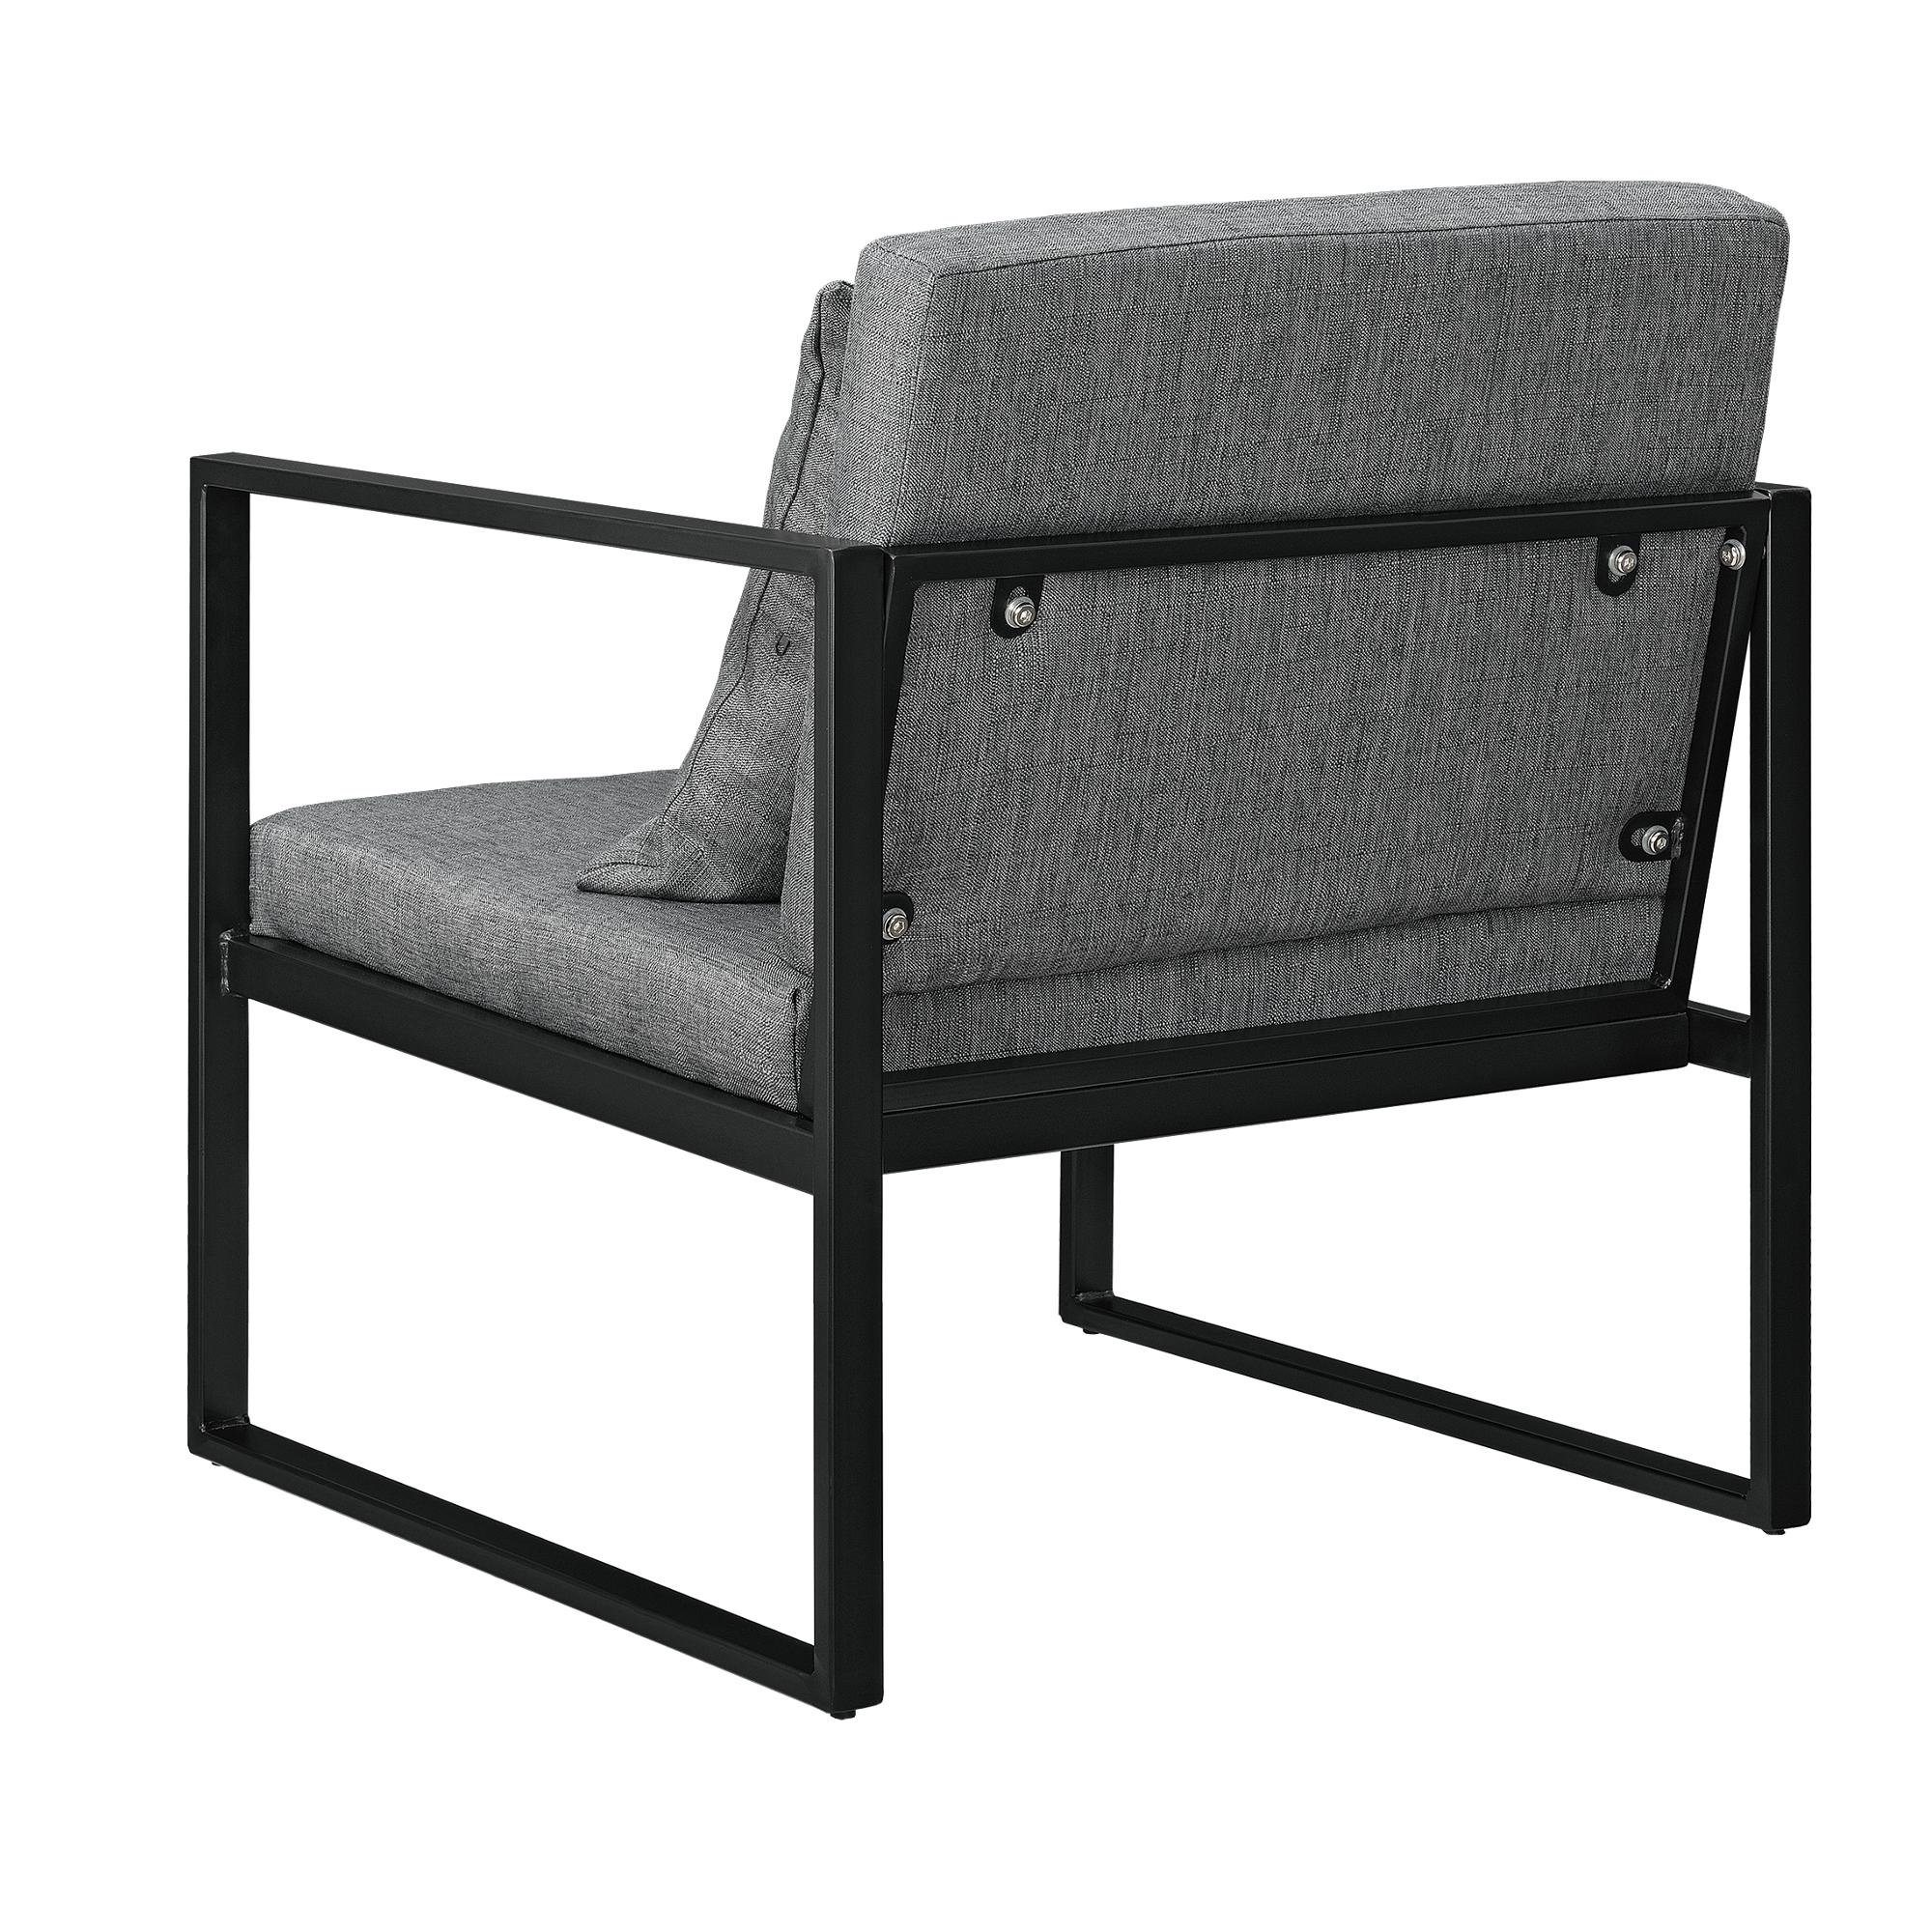 2x design lehnstuhl relaxsessel esszimmer stuhl for Stuhl design bilder